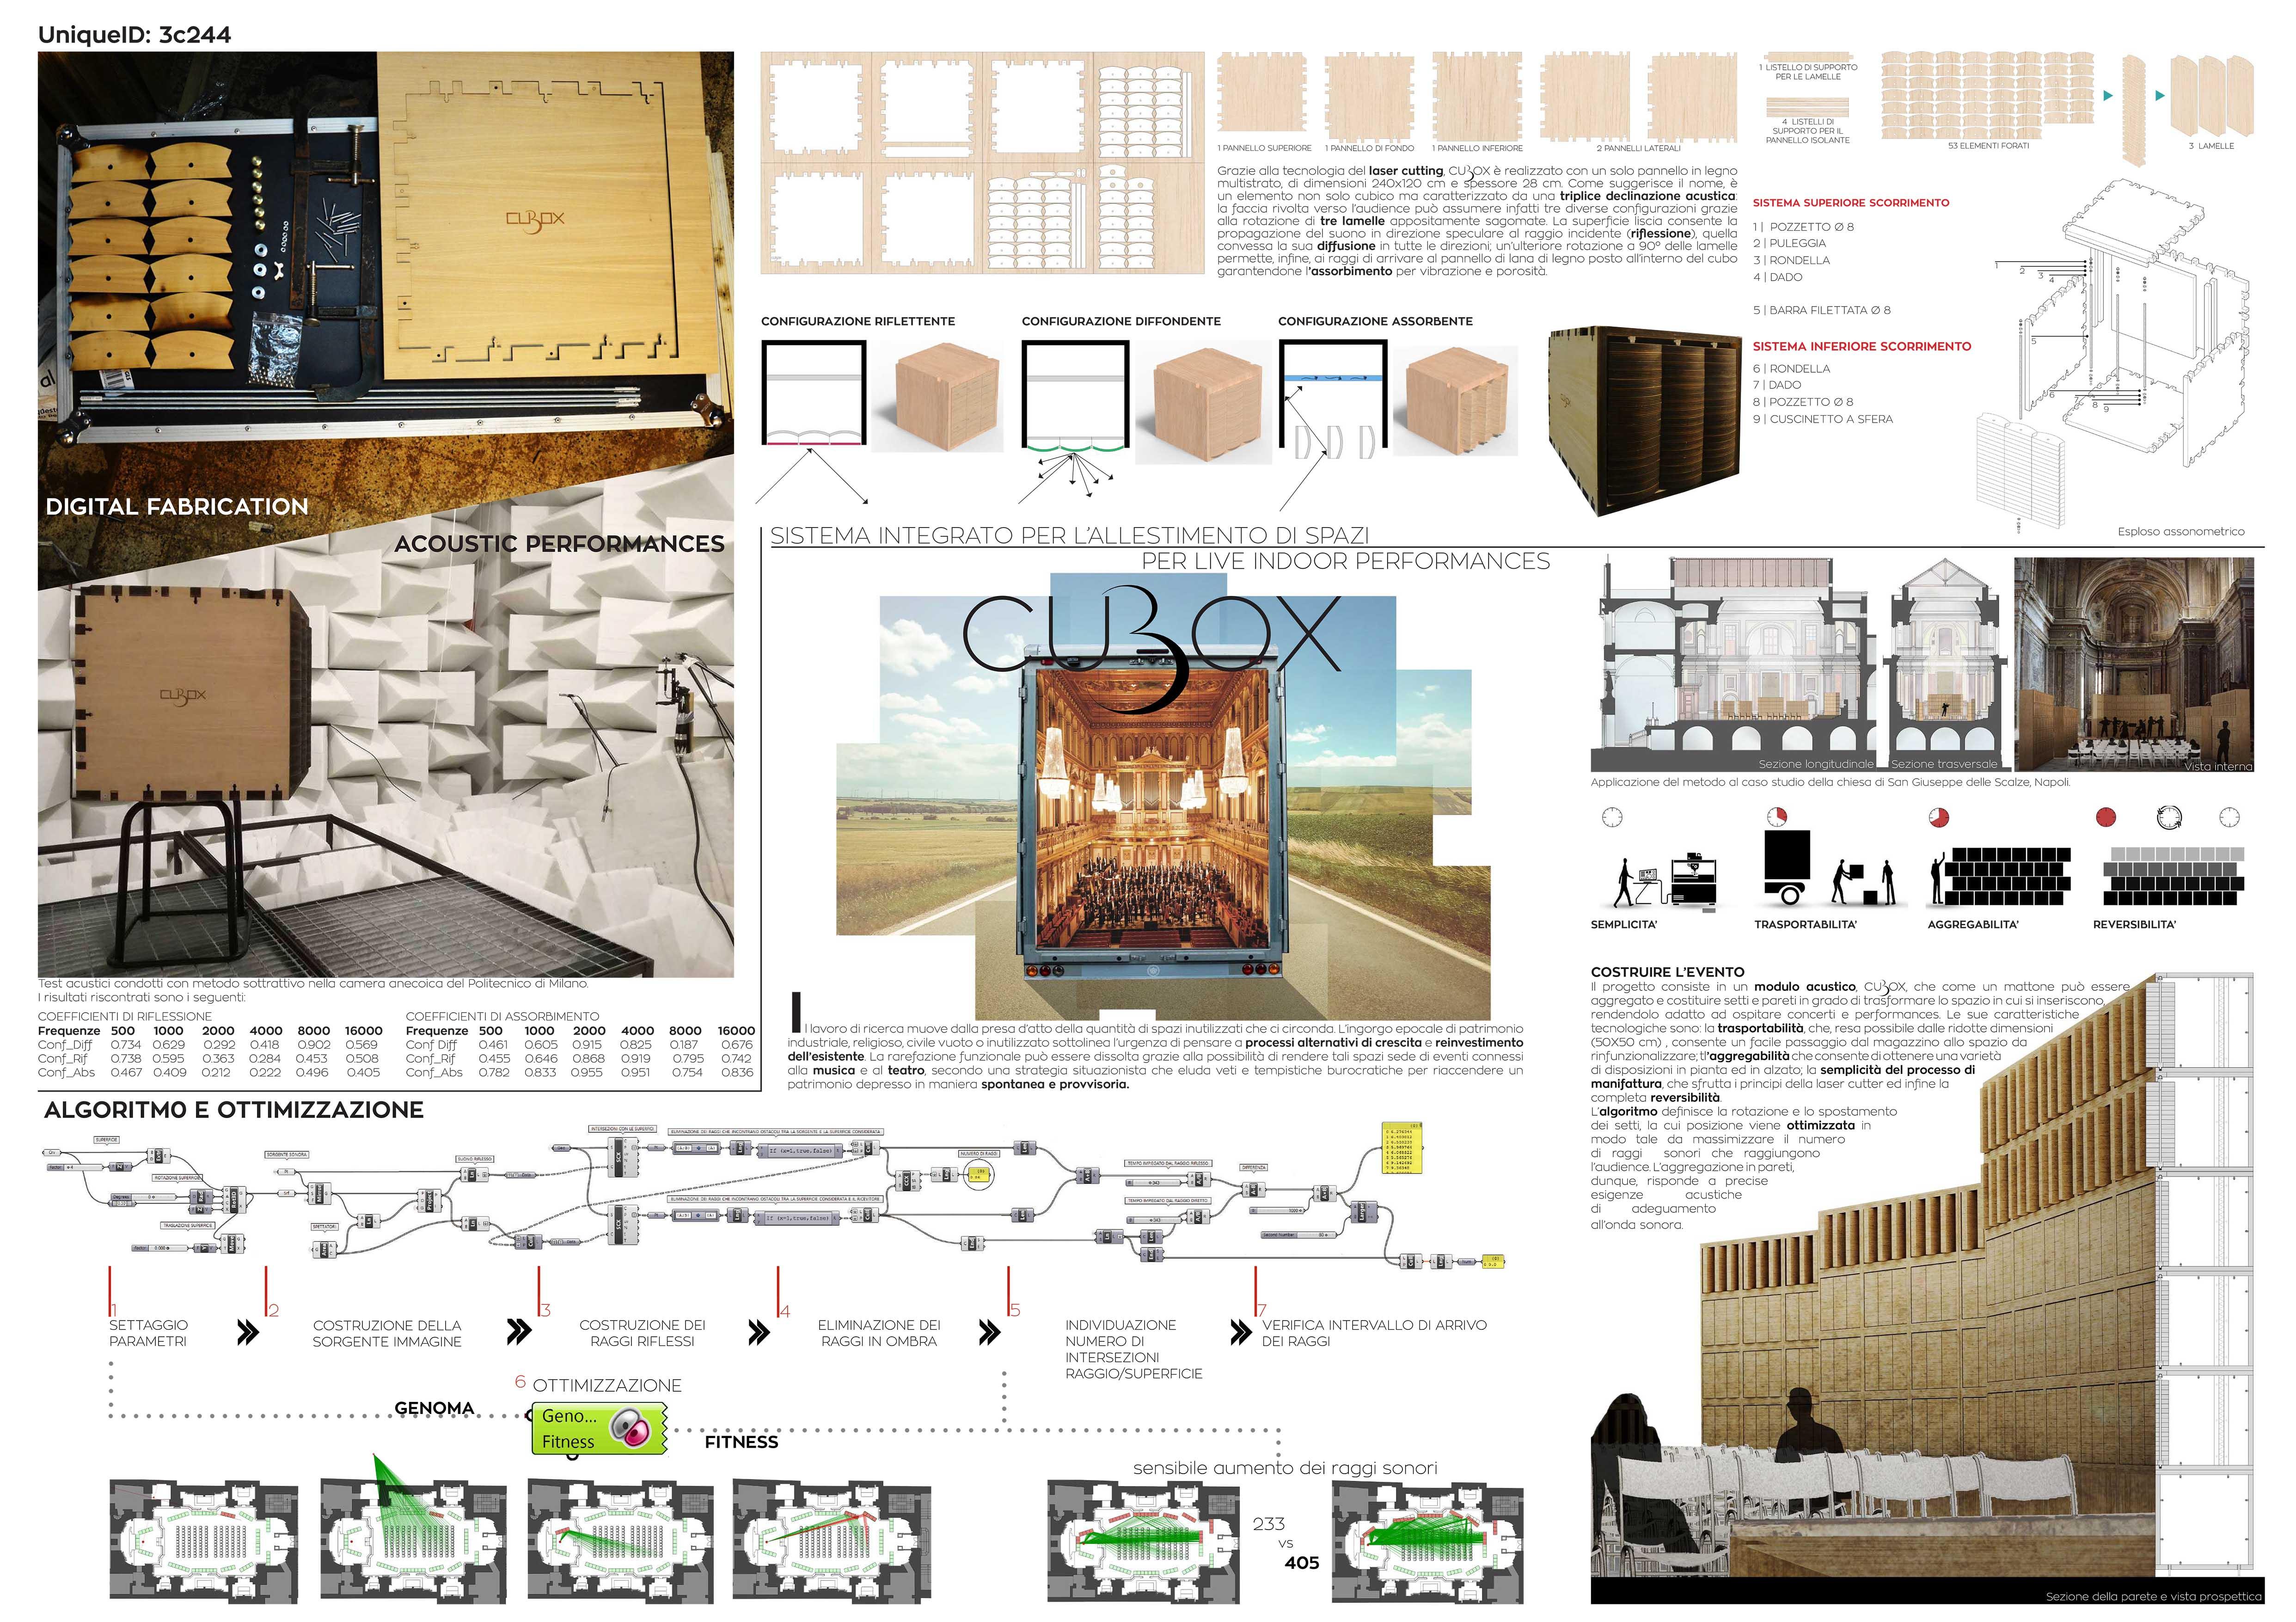 CU3OX_Sistema integrato per l'allestimento di spazi per live indoor performances Board